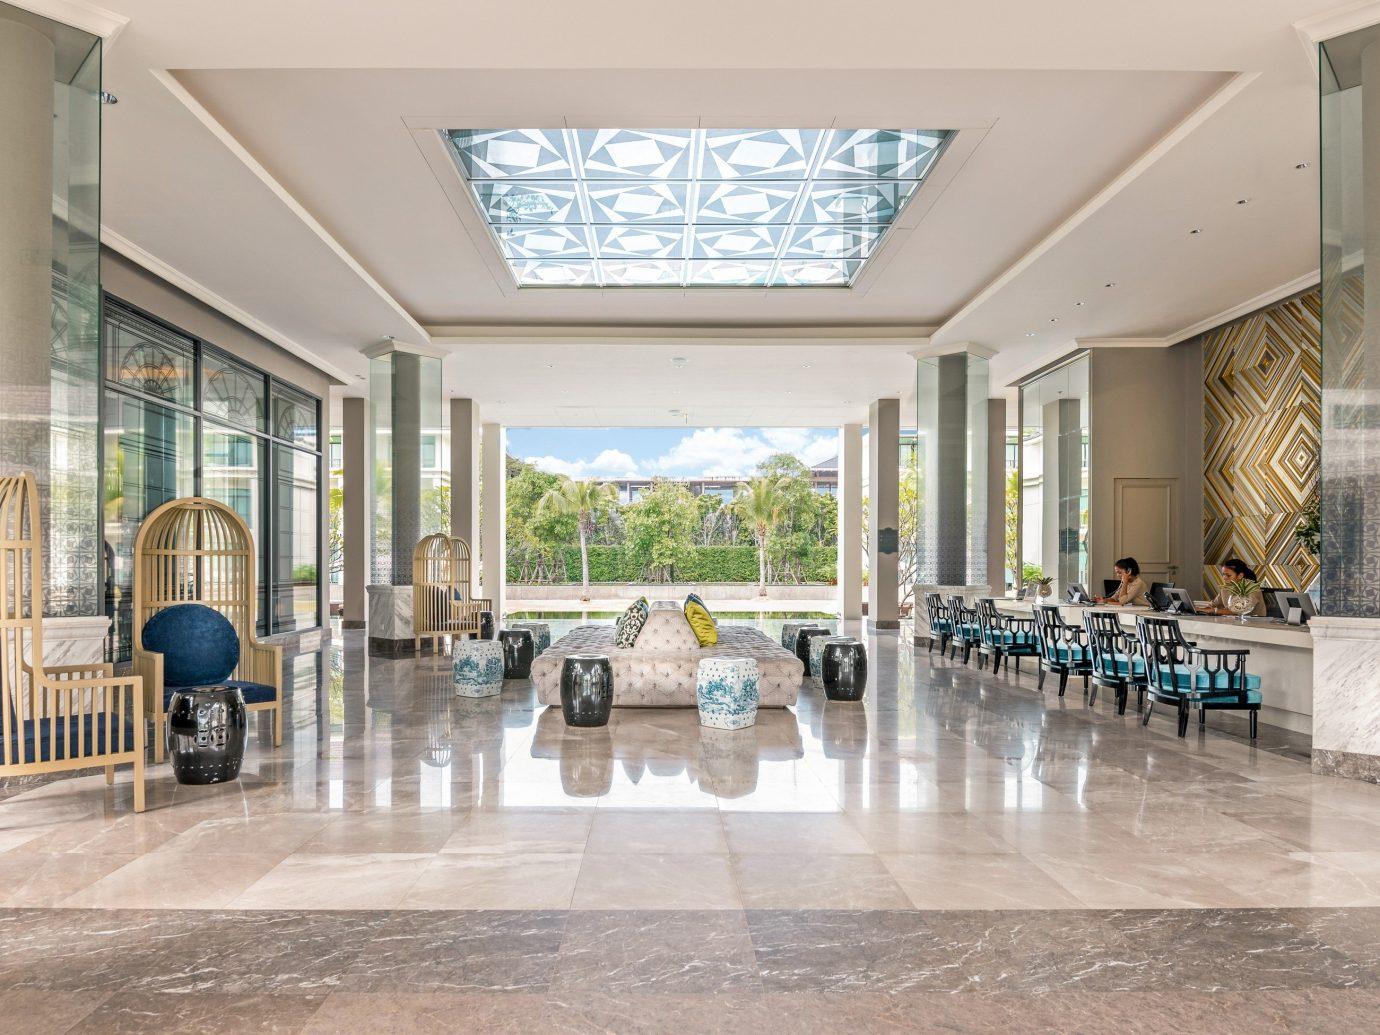 Hotels Romance floor indoor building window Lobby property Living room ceiling estate furniture plaza real estate interior design home headquarters Dining flooring condominium area